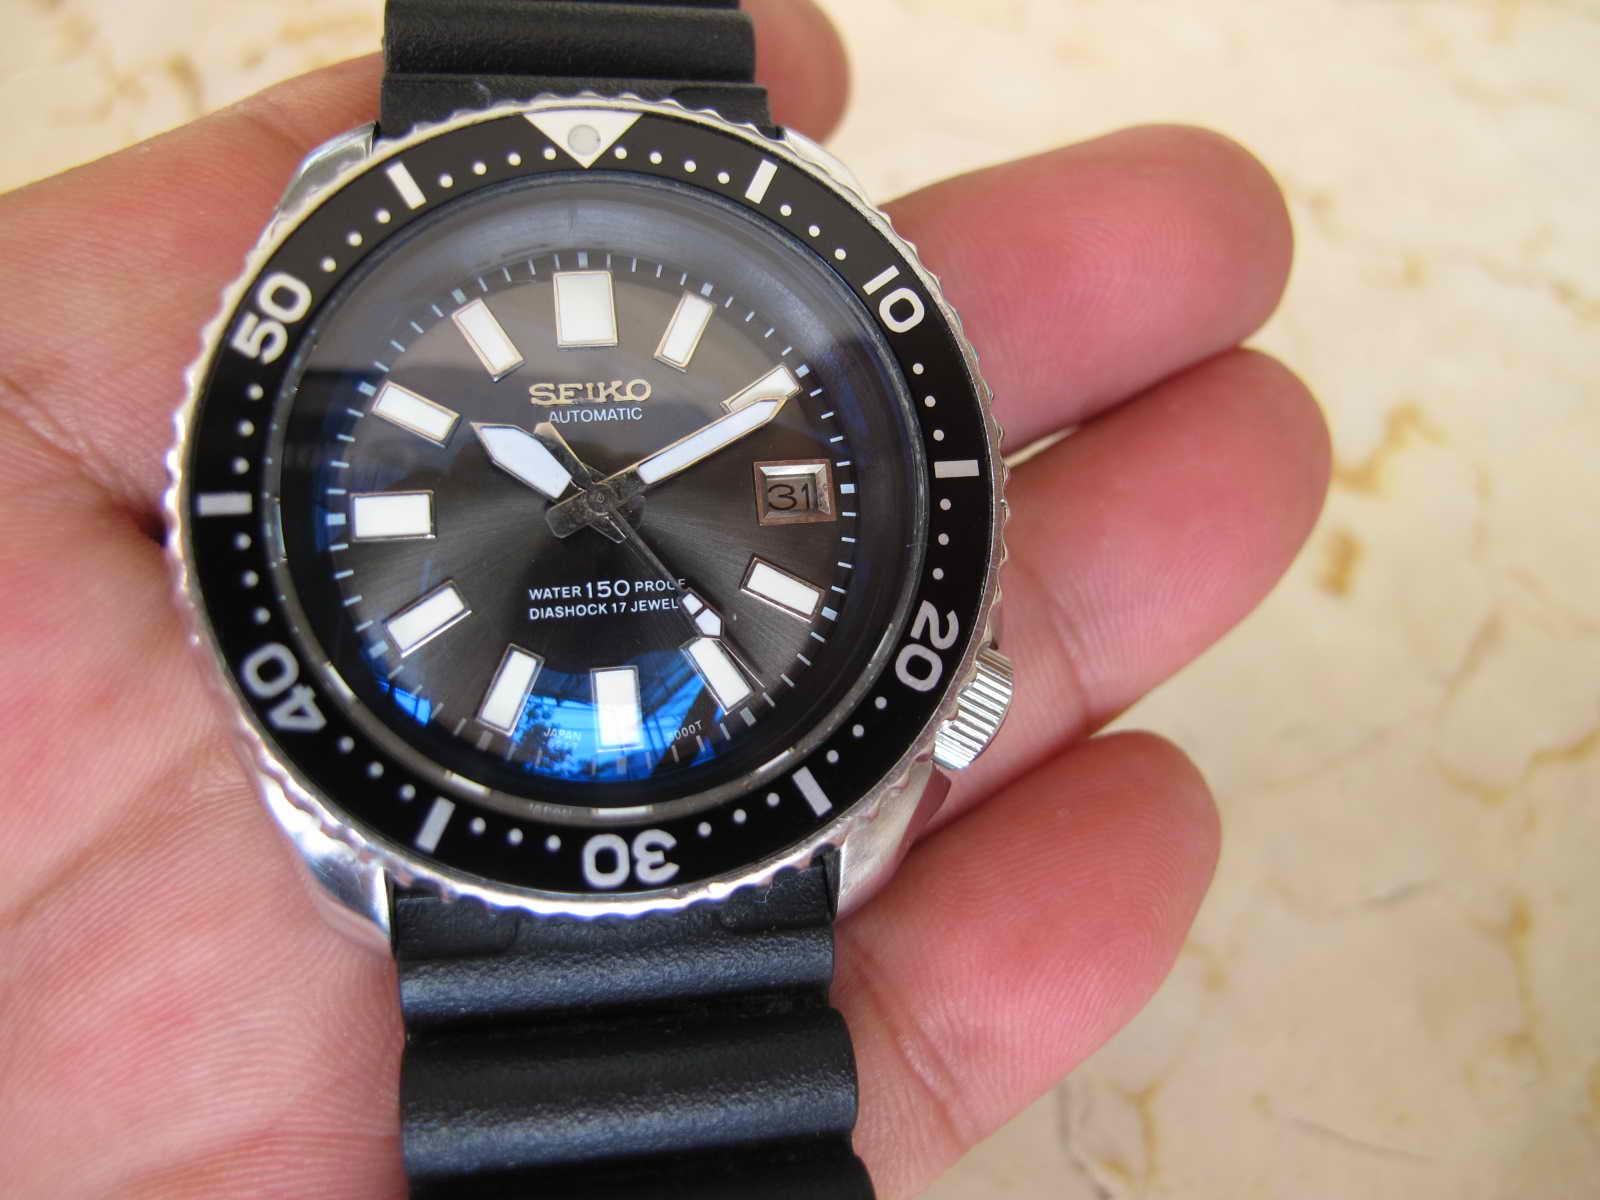 Cocok untuk Anda yang sedang mencari jam tangan model Sports Diver yang tidak ada persamaan dua nya SEIKO DIVER 7002 MODIF DIAL 6217 MAS DIVER